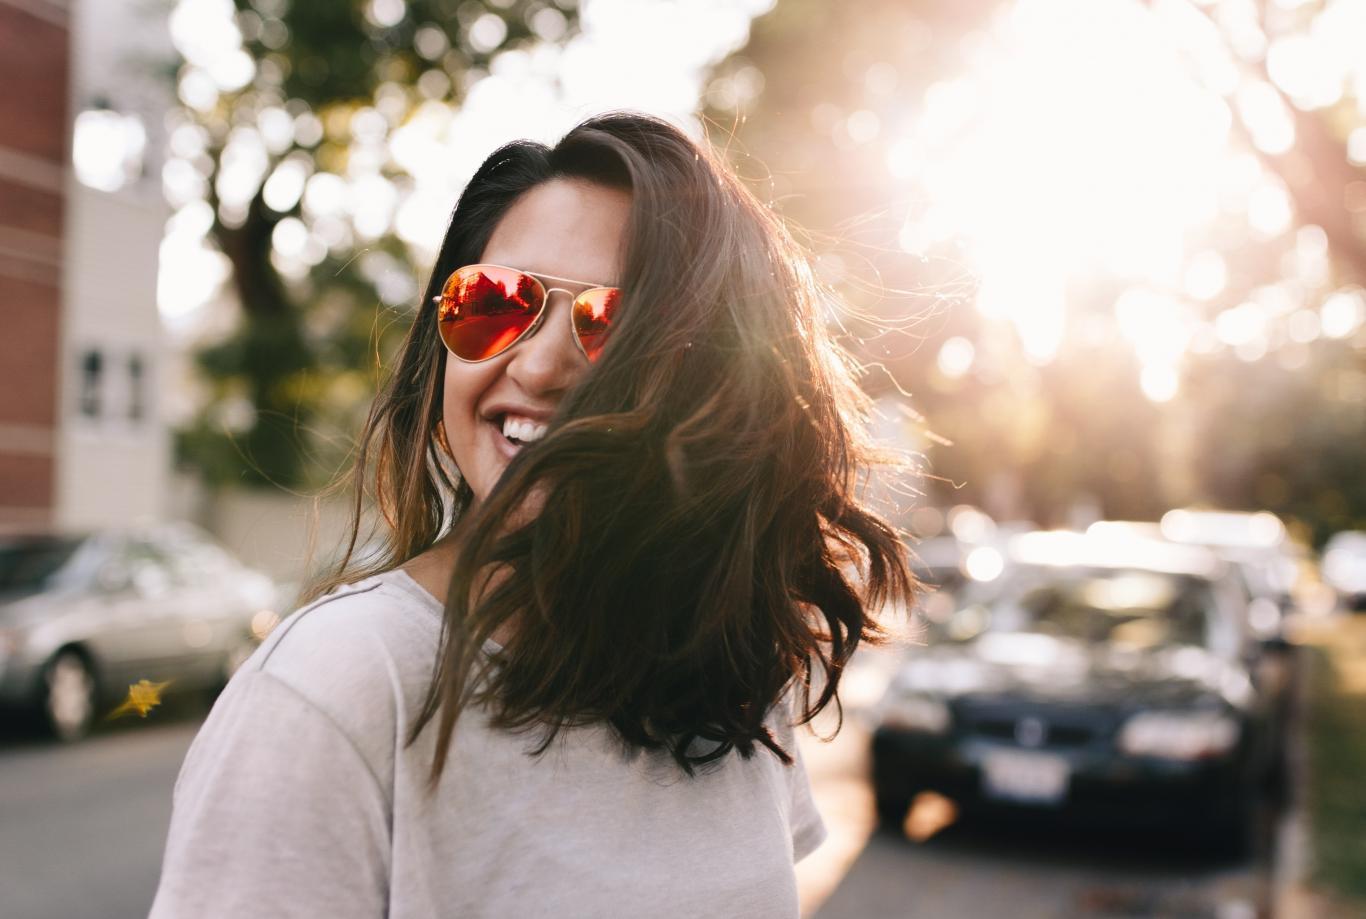 Chica con gafas de sol y pelo suelto sonriendo